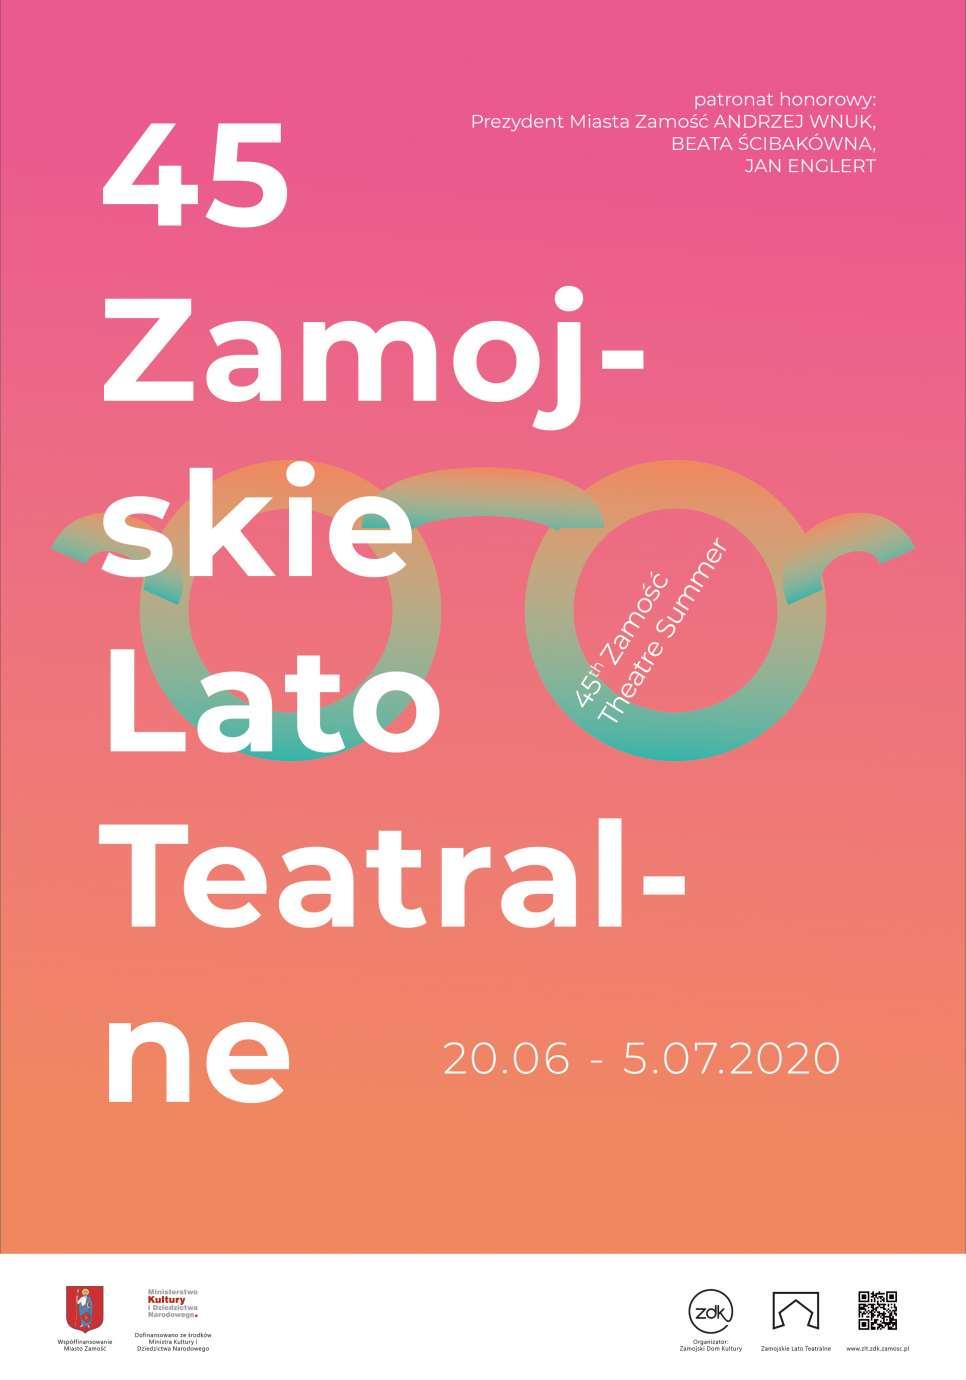 szewczyk piotr wyroznienie Rozstrzygnięto konkurs na plakat 45. Zamojskiego Lata Teatralnego